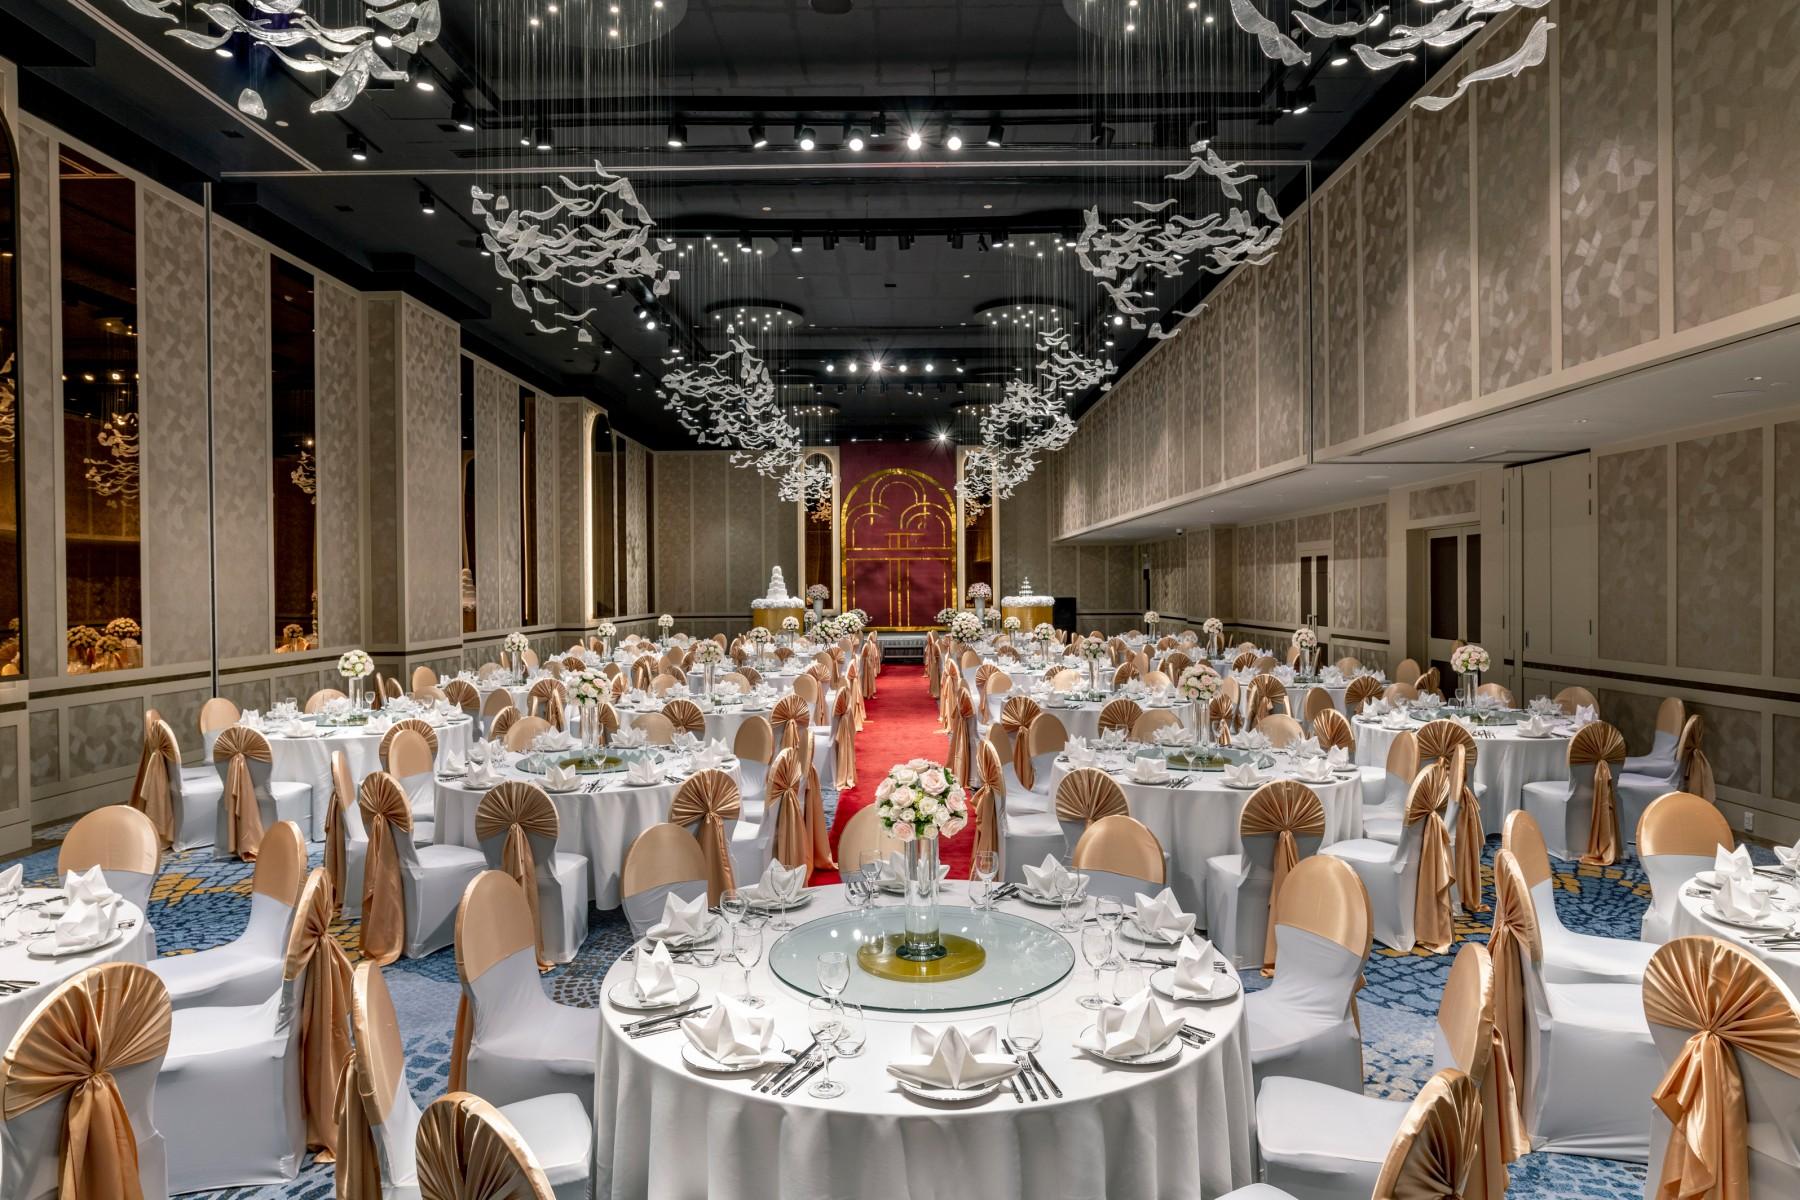 Tiệc cưới – Sofitel Saigon Plaza - Khách sạn đẳng cấp 5 sao